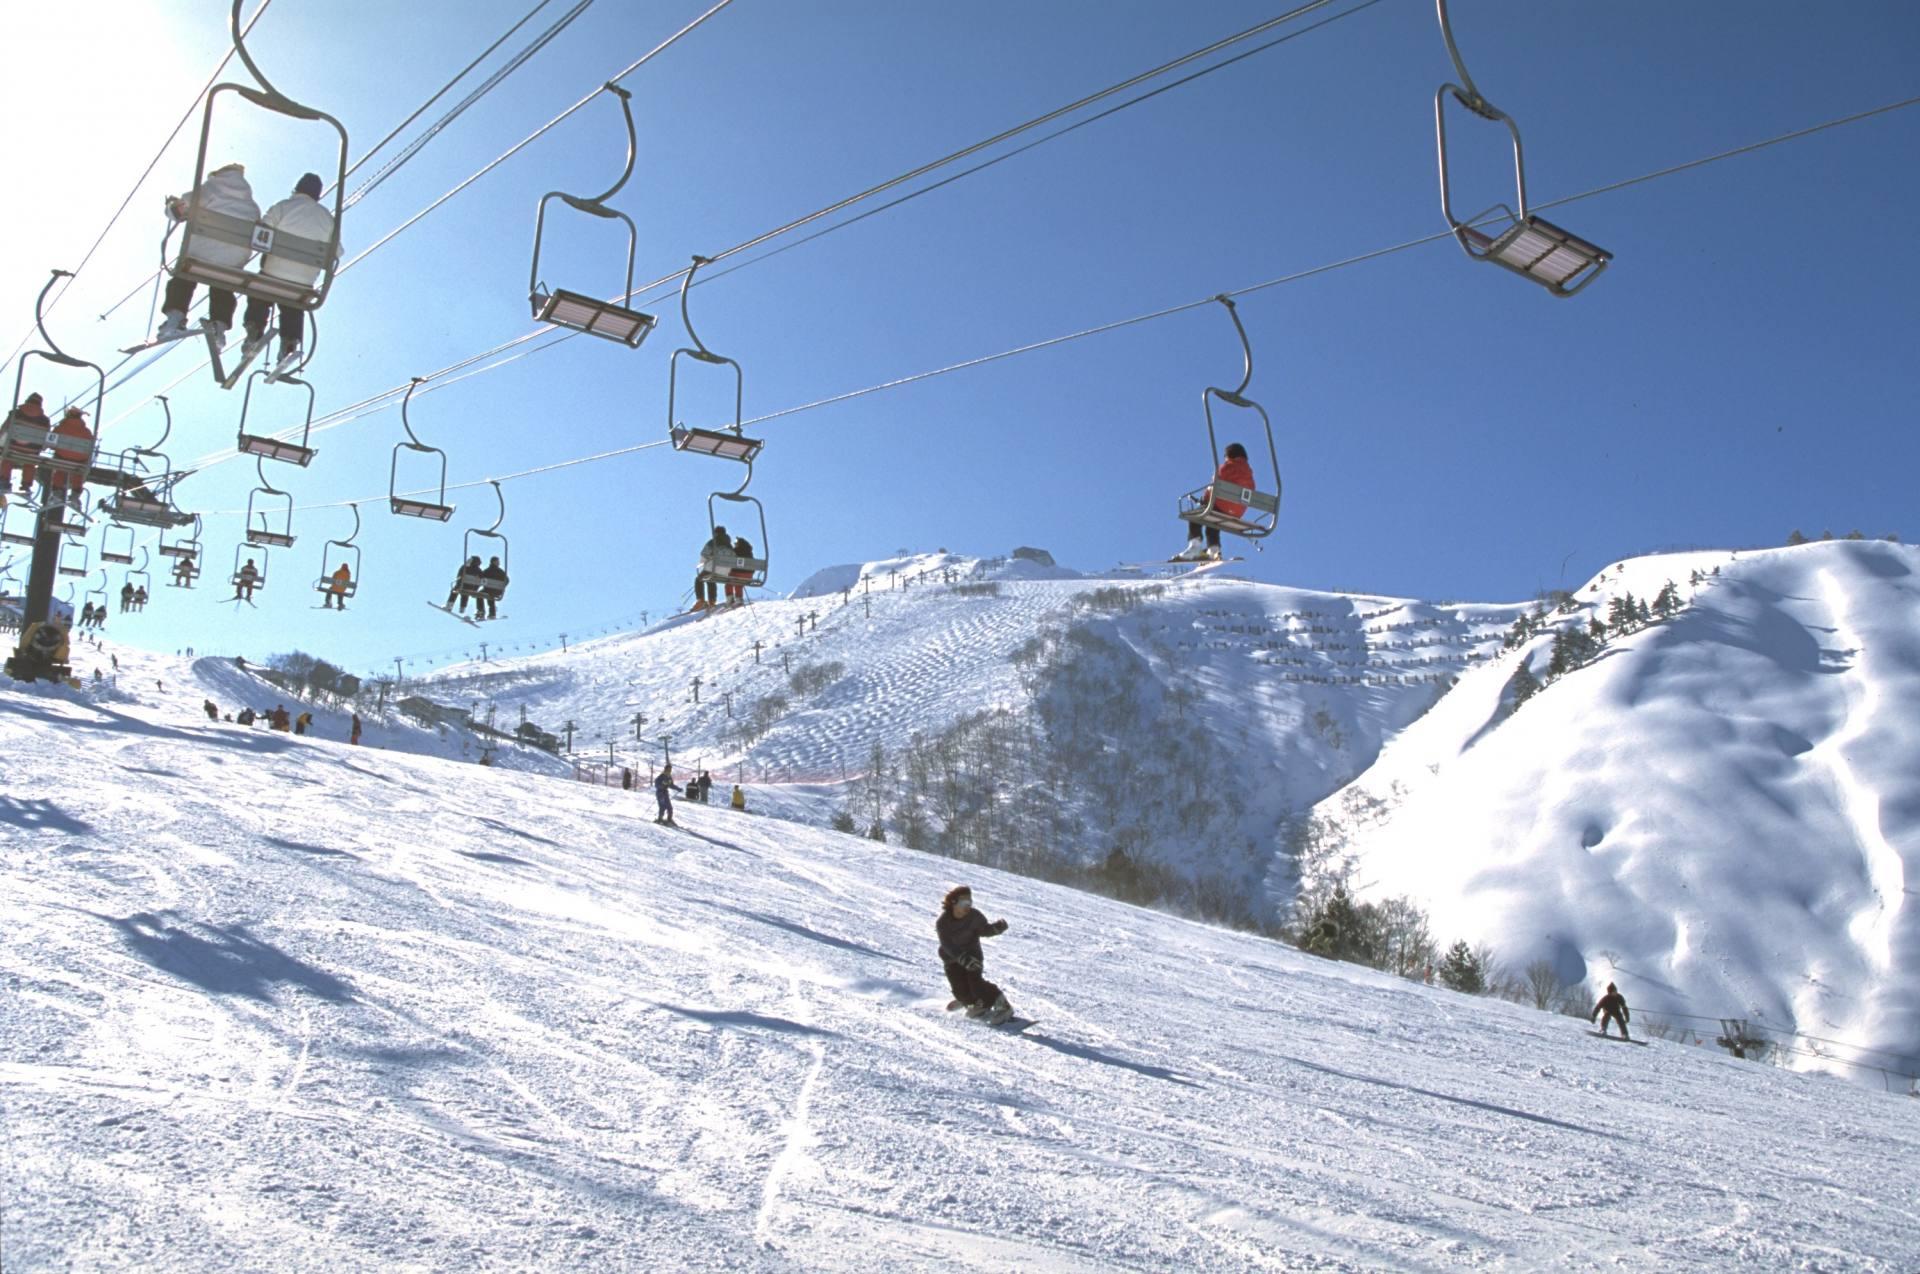 滑雪高手們在挑戰奧林匹克滑道。